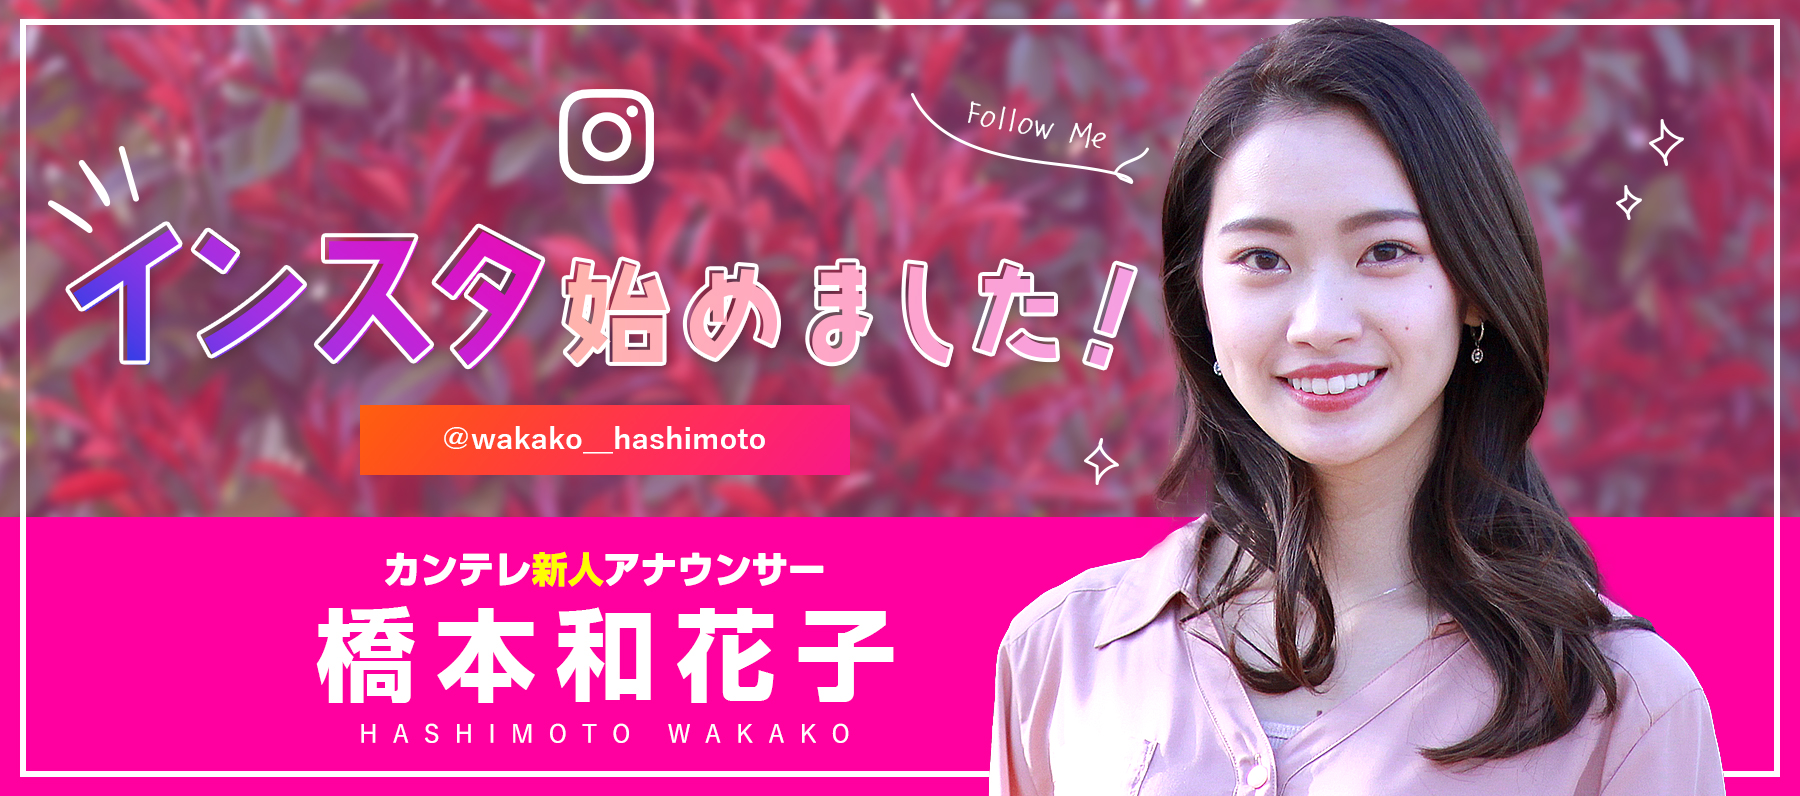 カンテレ新人アナウンサー橋本和花子インスタはじめました